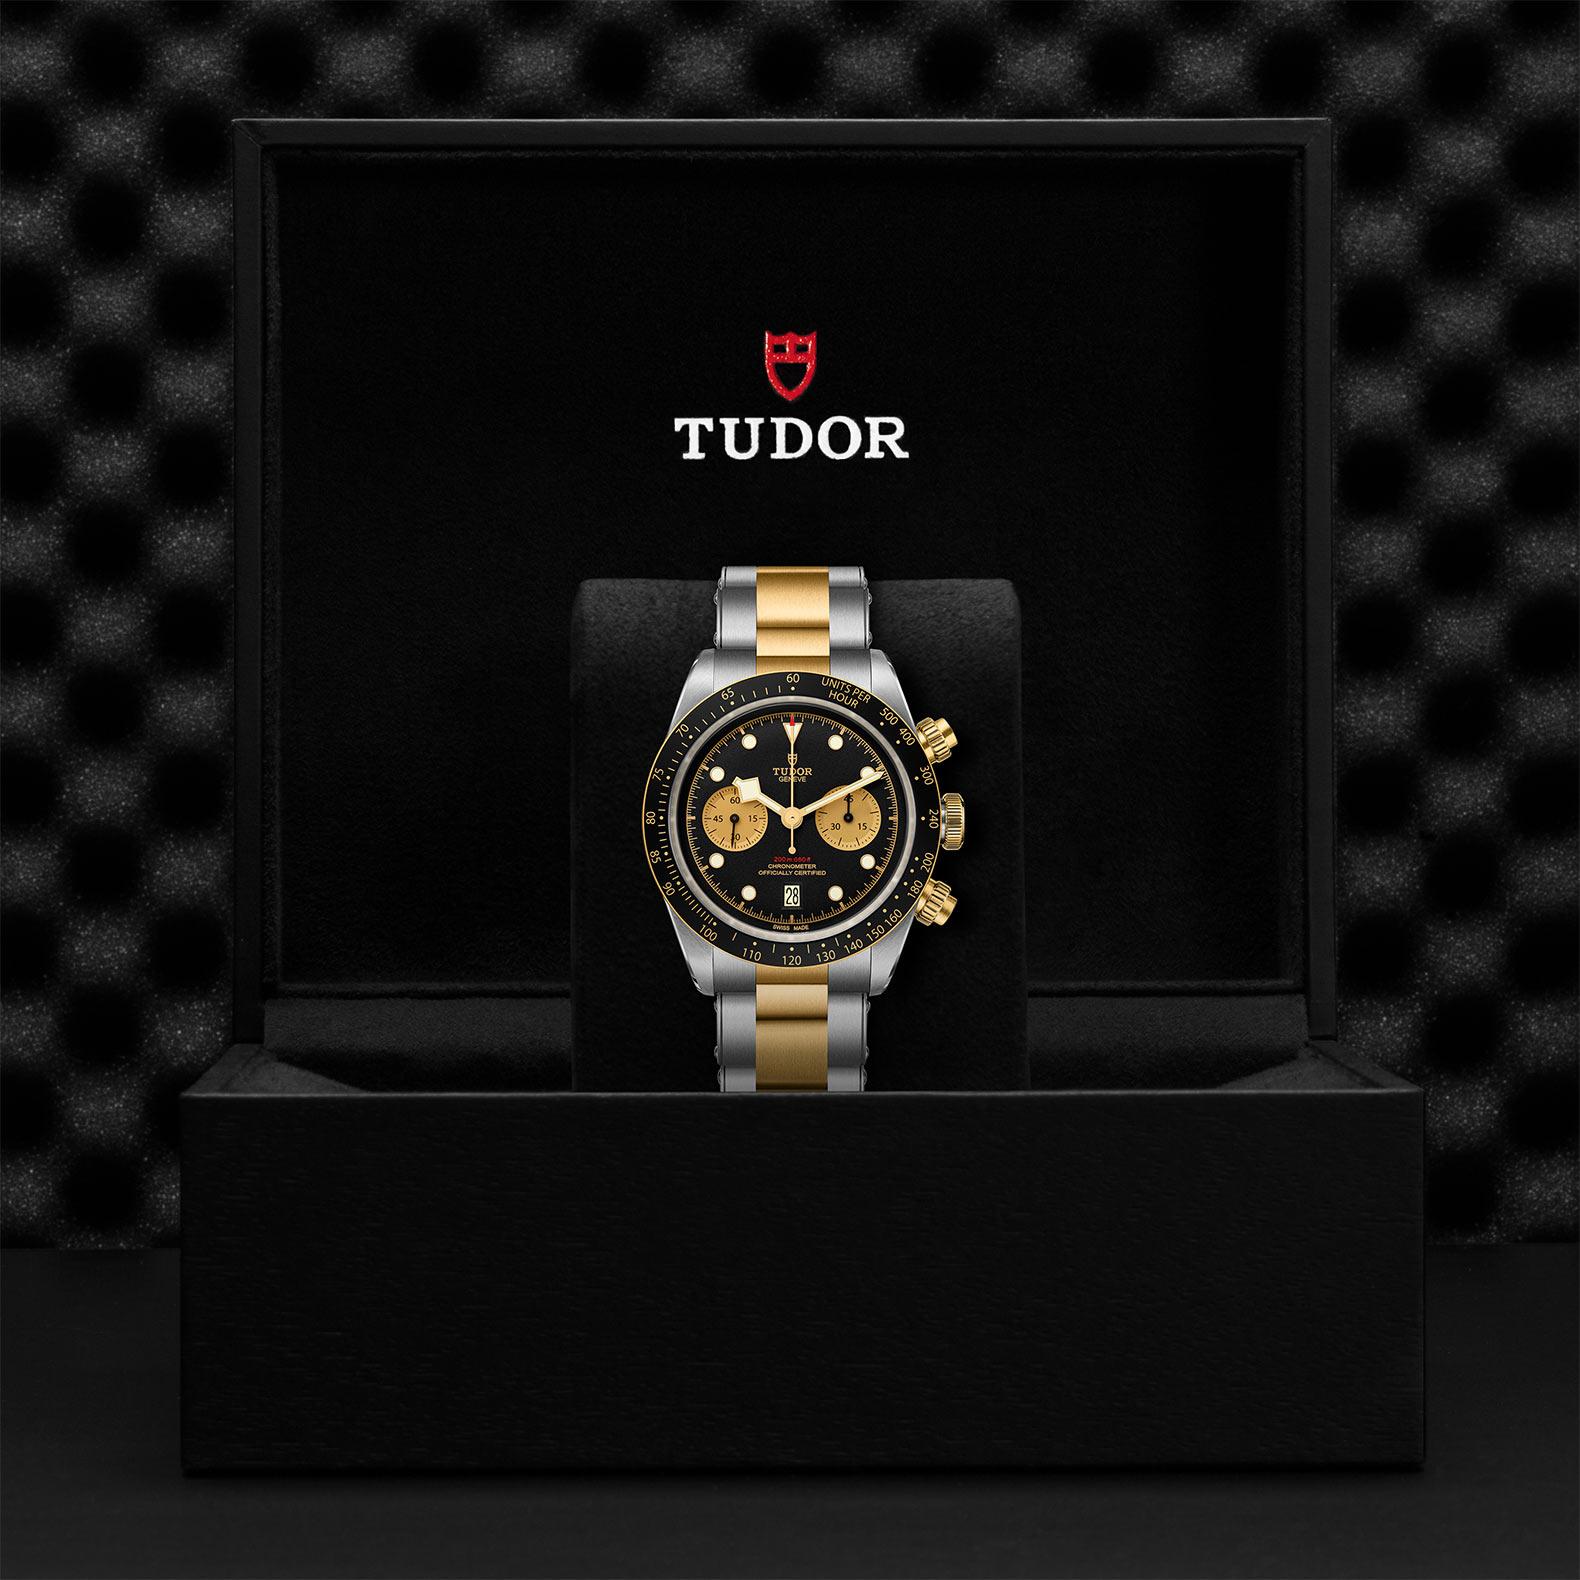 TUDOR Black Bay Chrono S&G - M79363N-0001